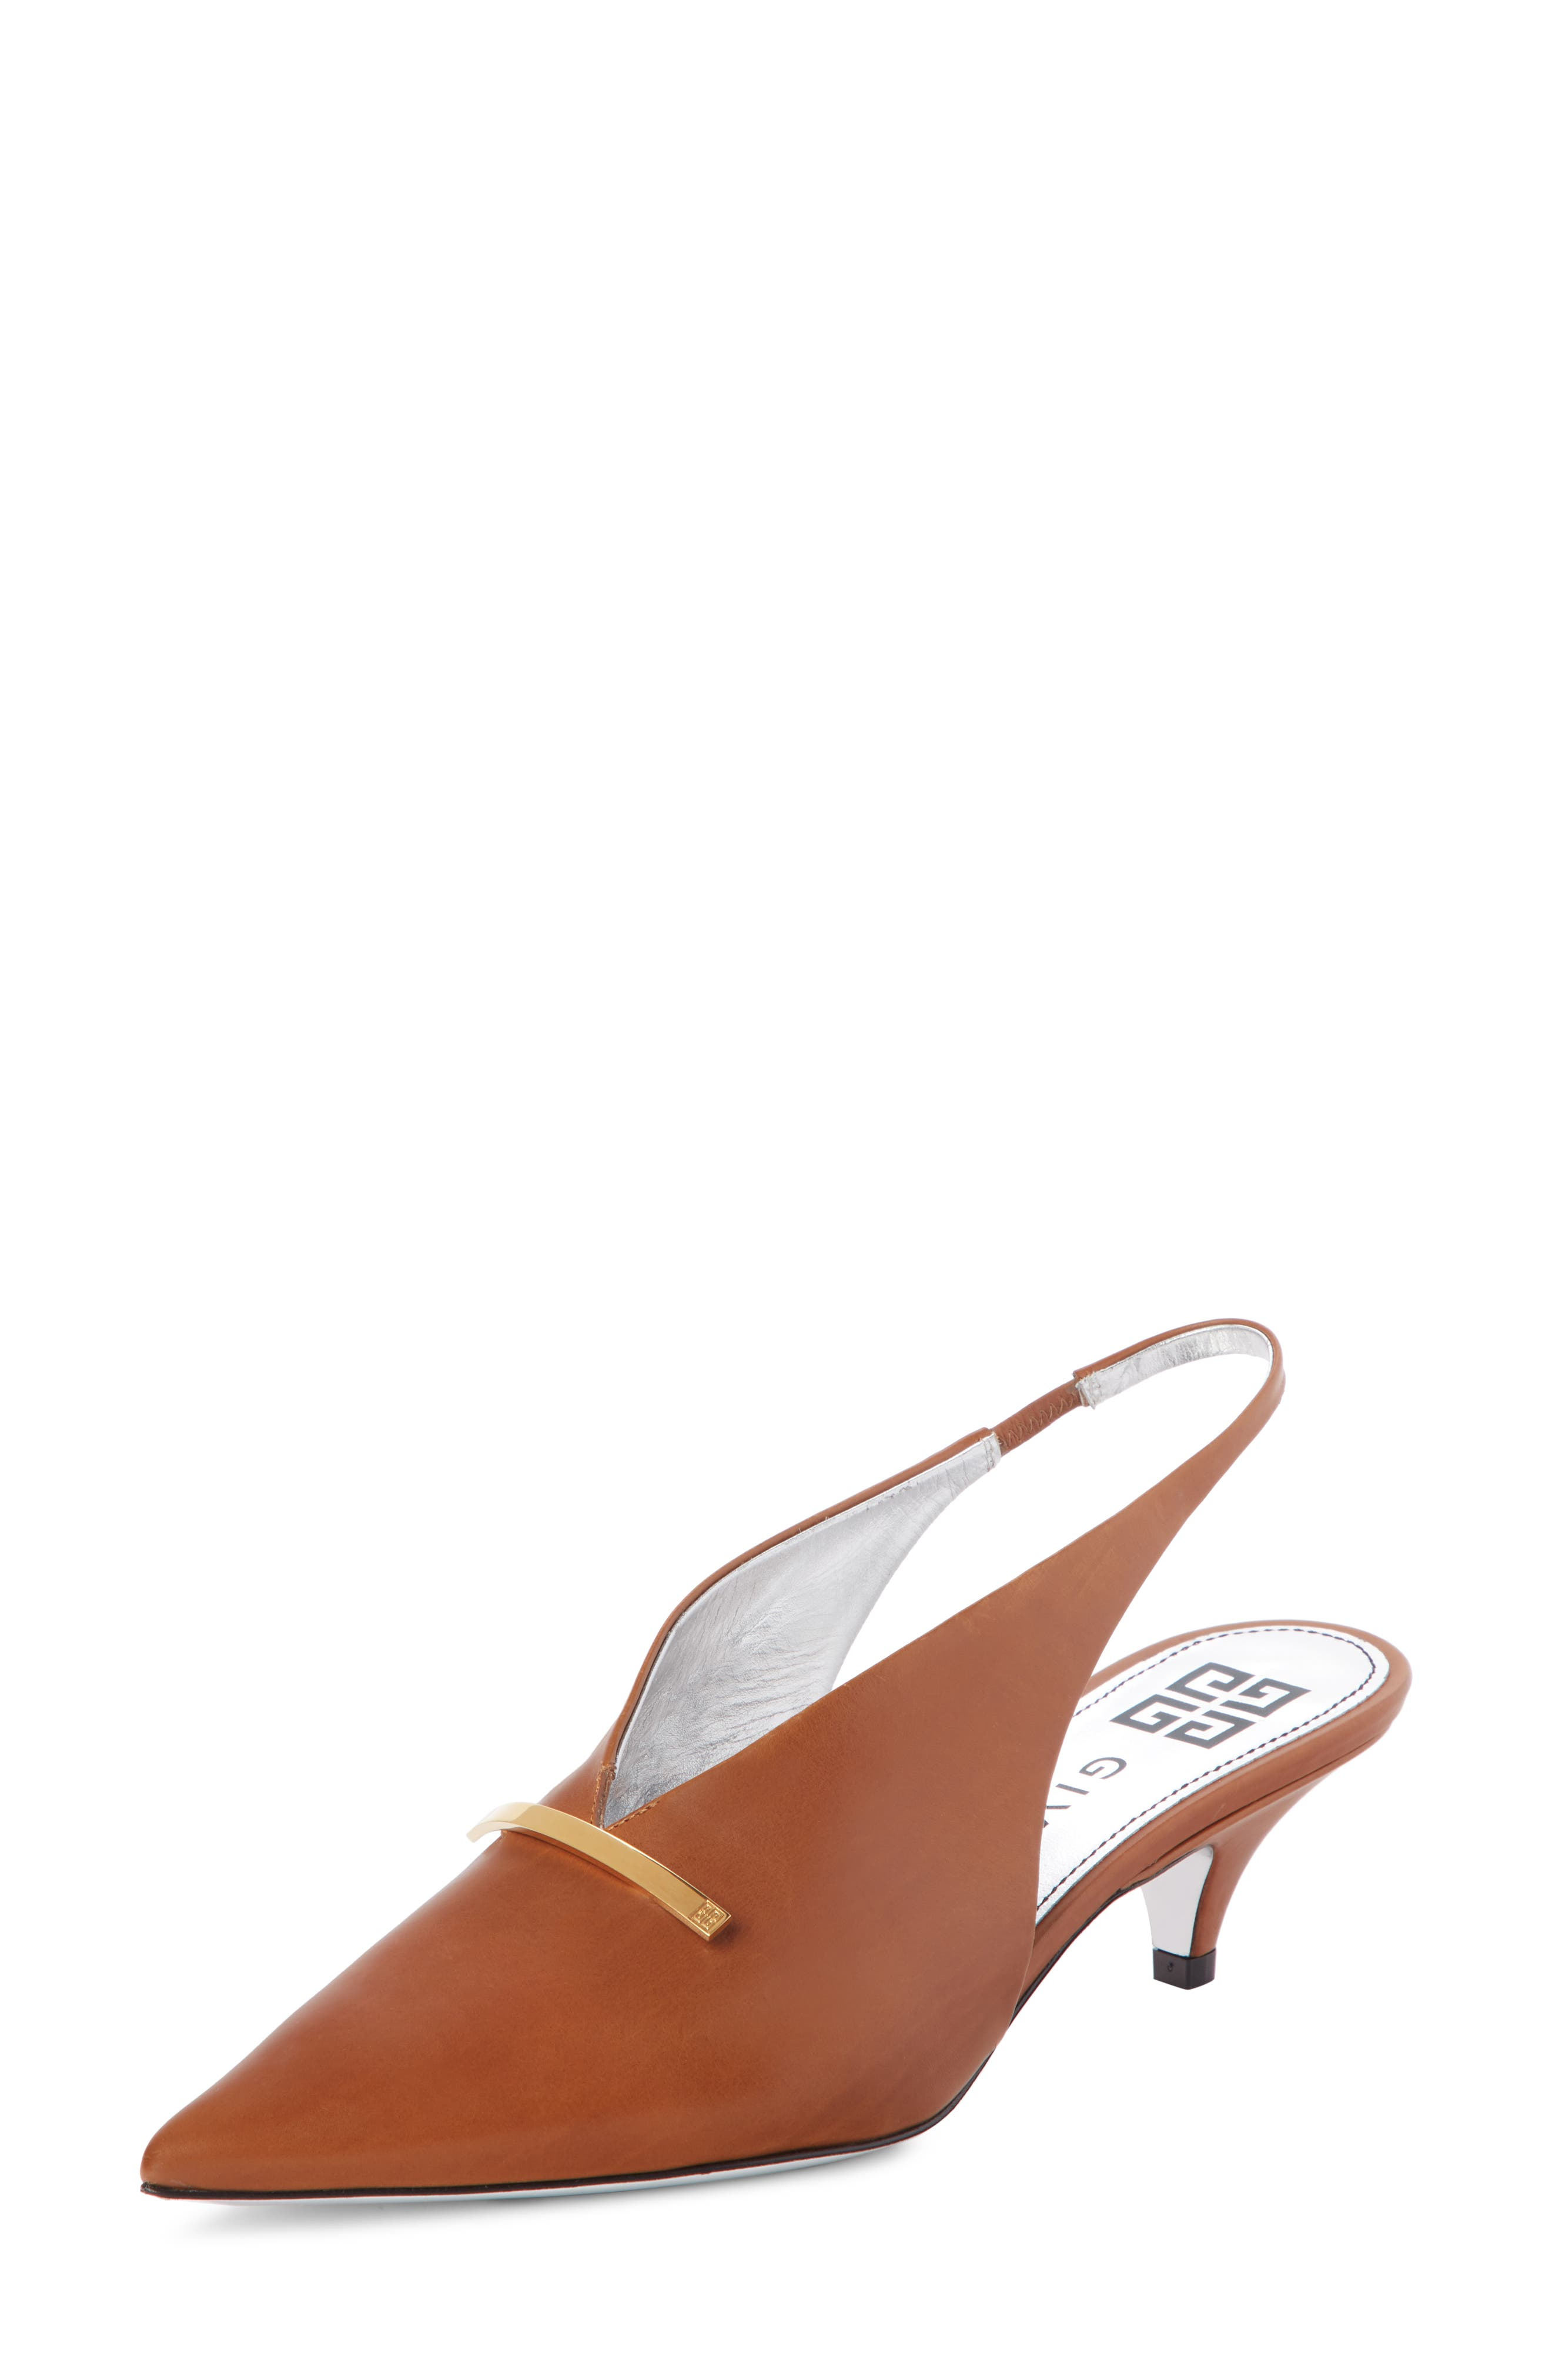 Givenchy Logo Bar Slingback Pump - Brown